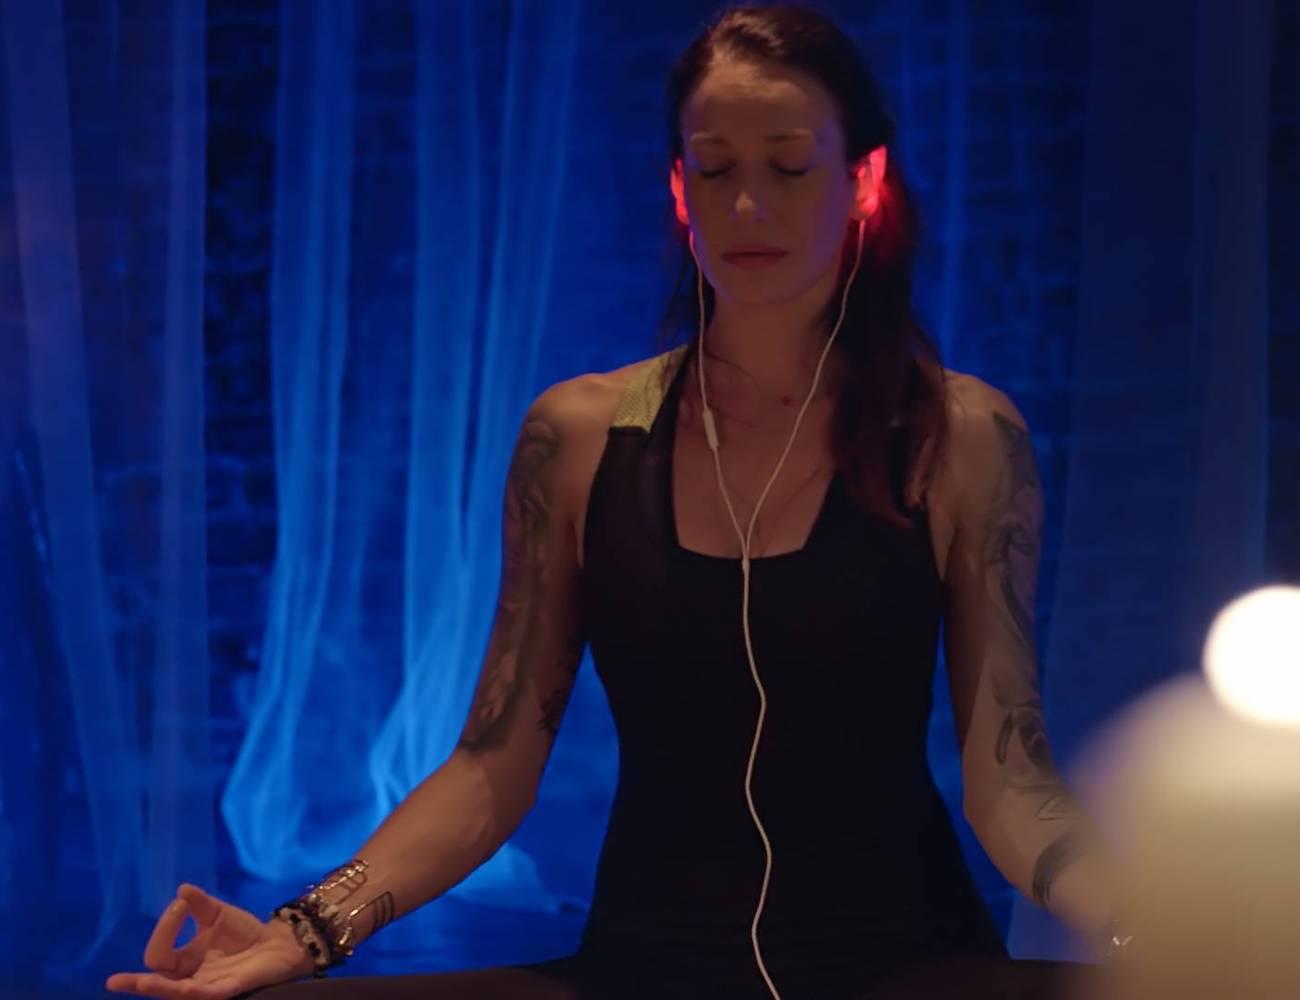 Leah-Life-Saving-Light-Up-Headphones-05